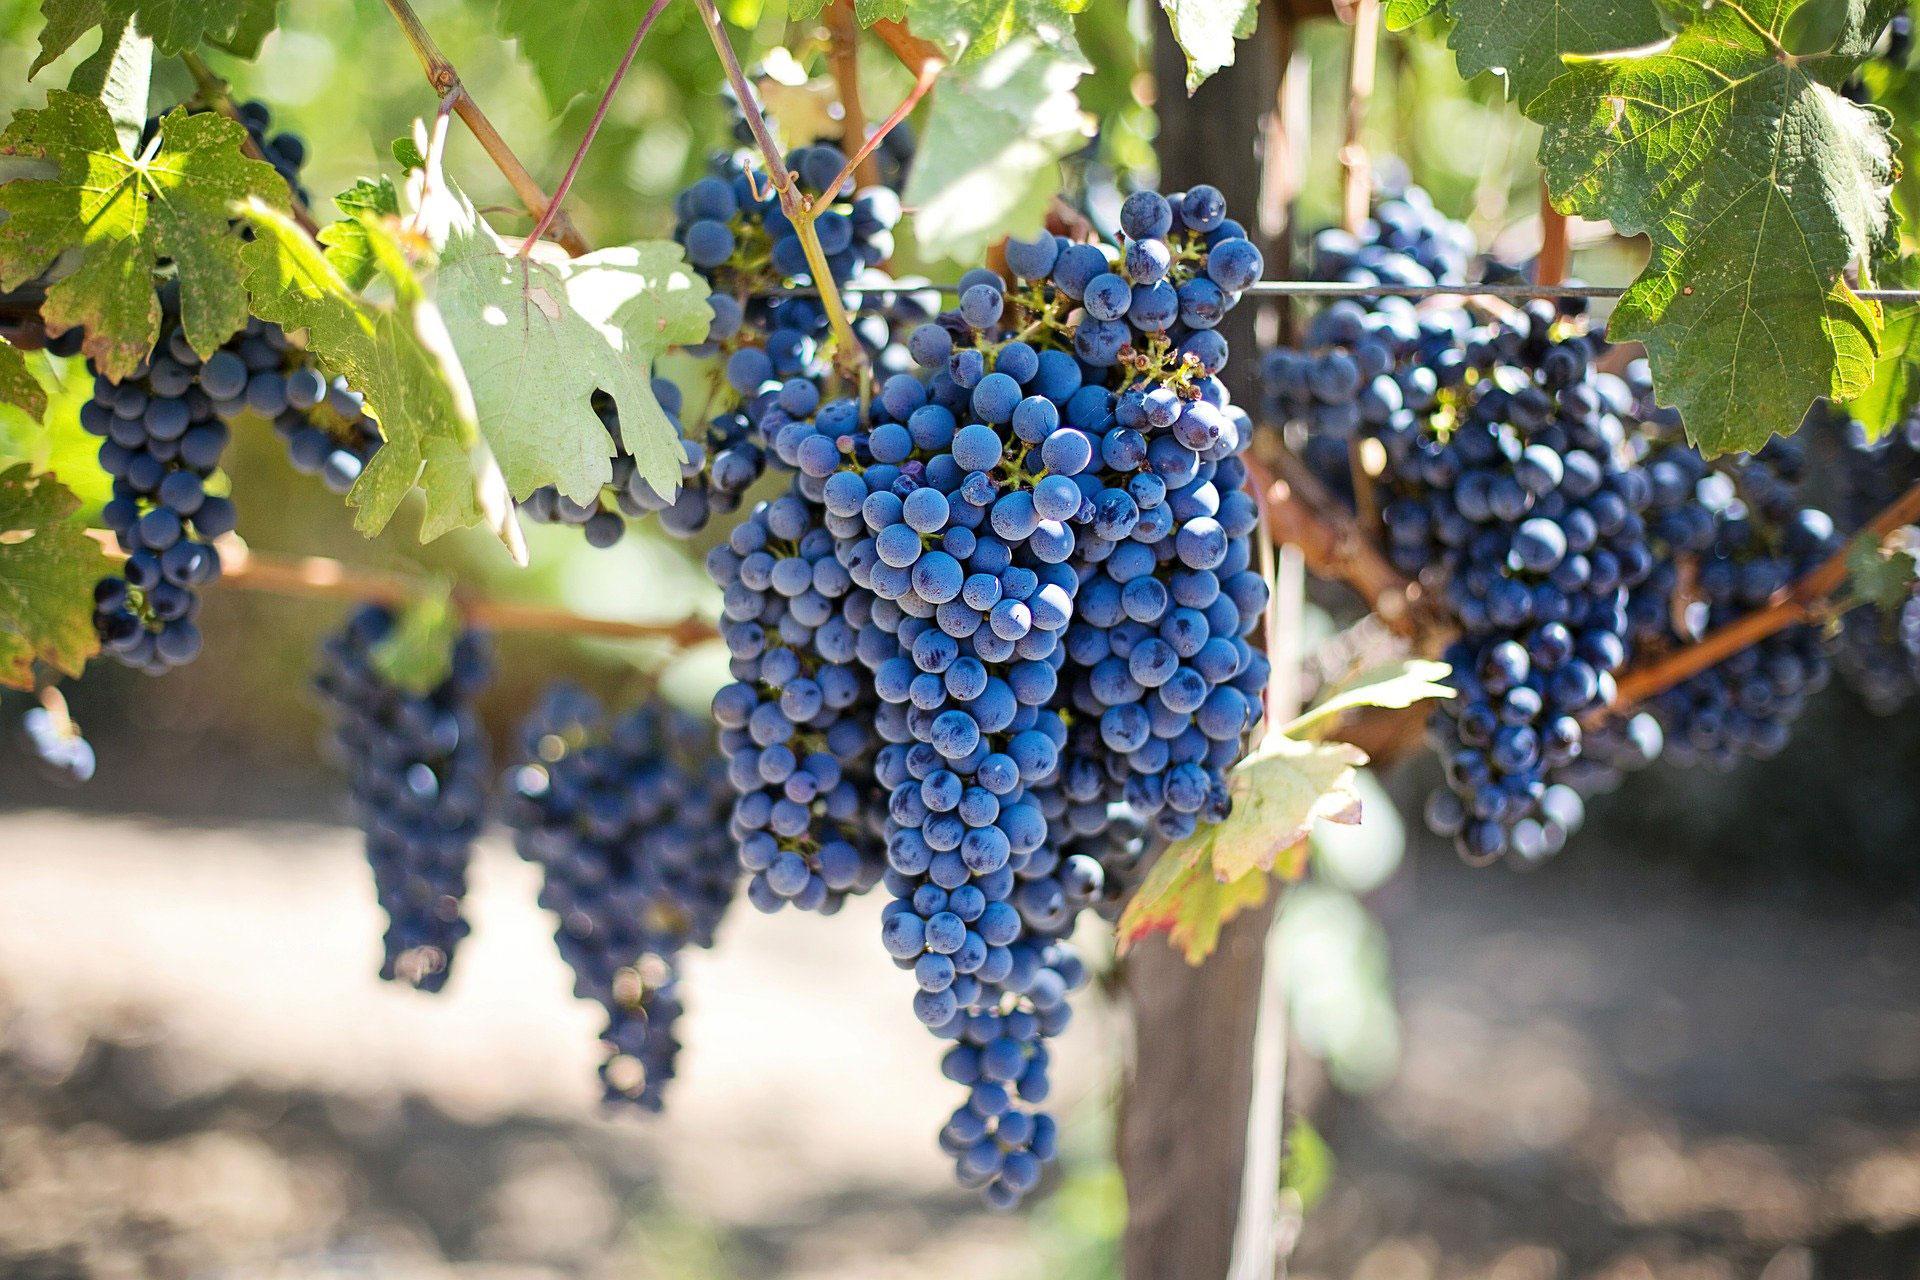 Die Römer brachten den Weinbau in die Region. Bis heute gibt es hier kleine Weinbaugebiete.